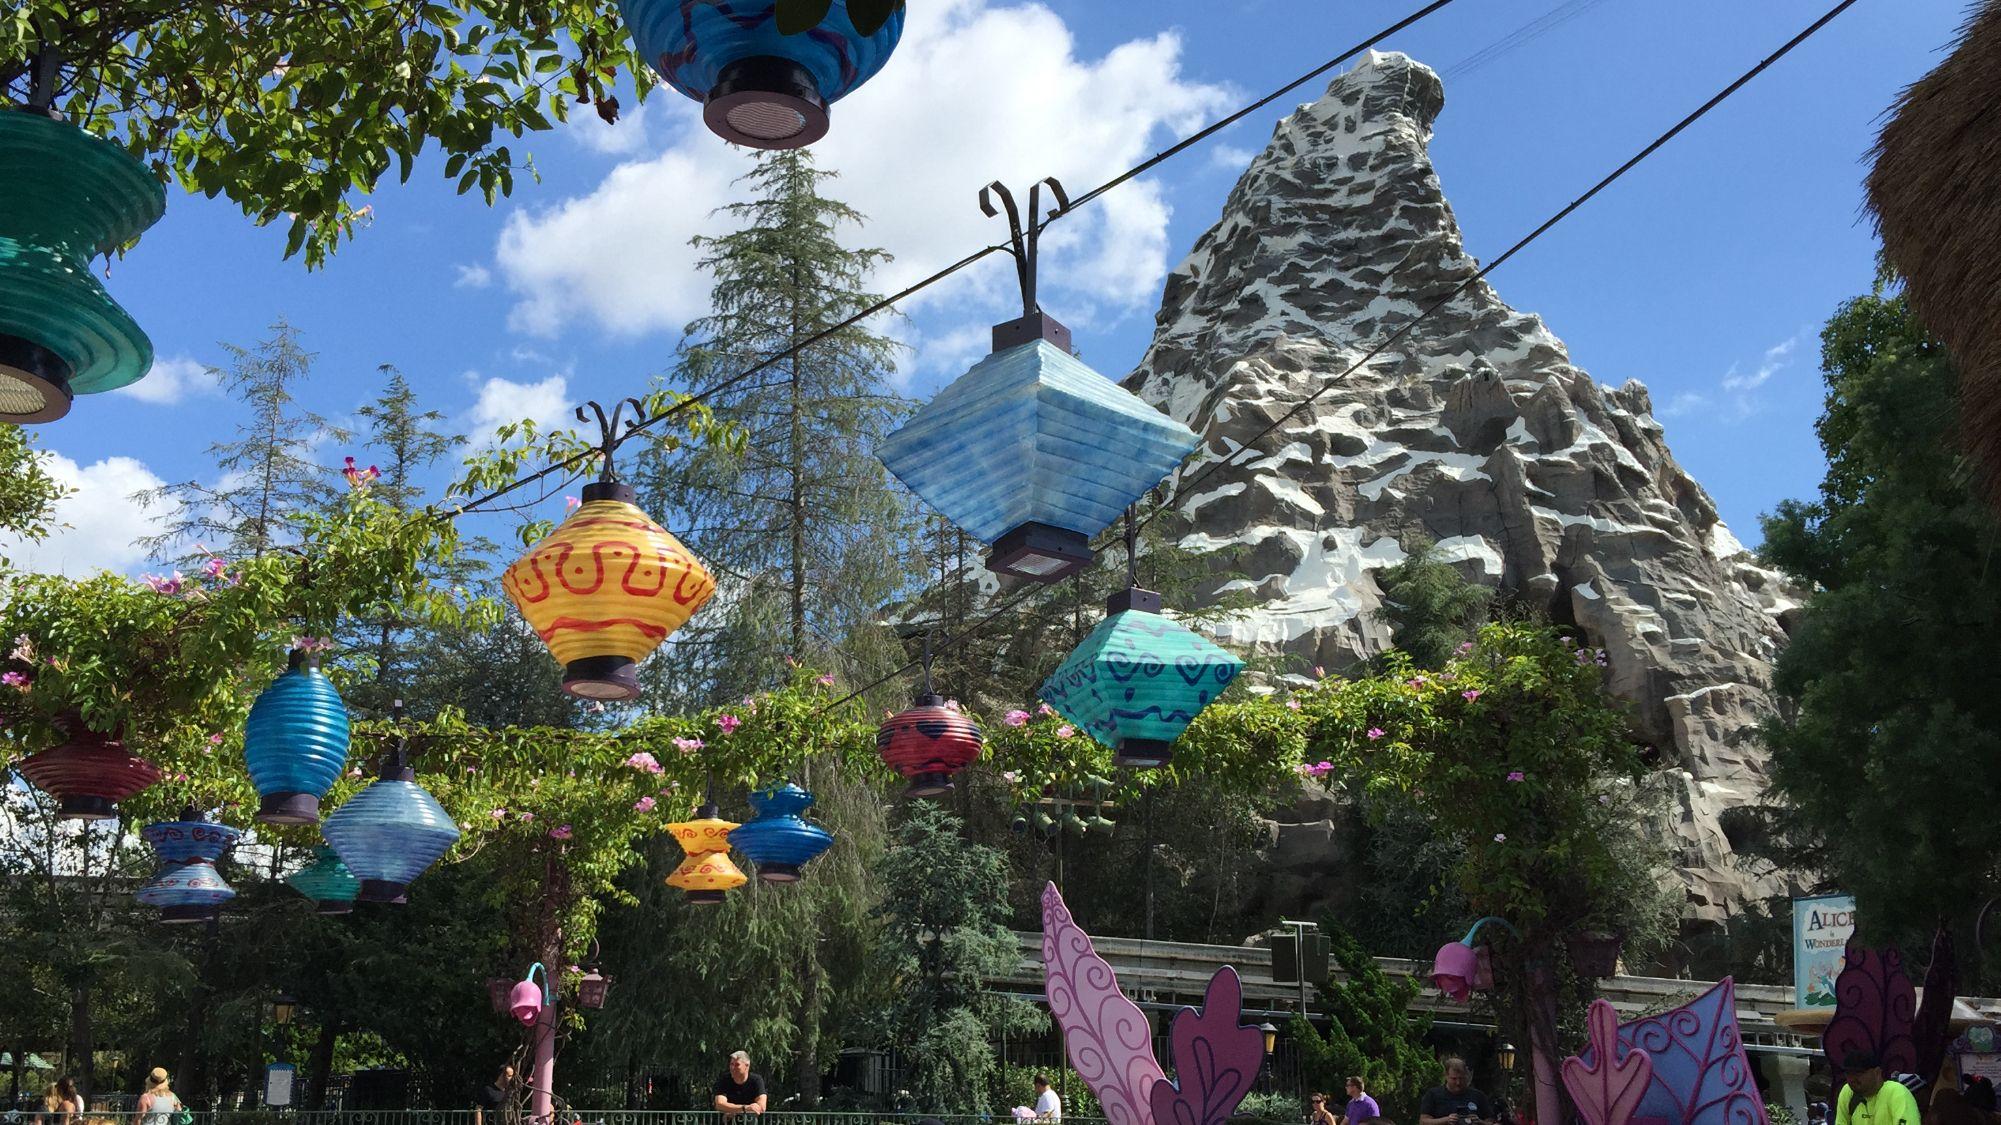 Matterhorn at Disneyland, CA October 2015!